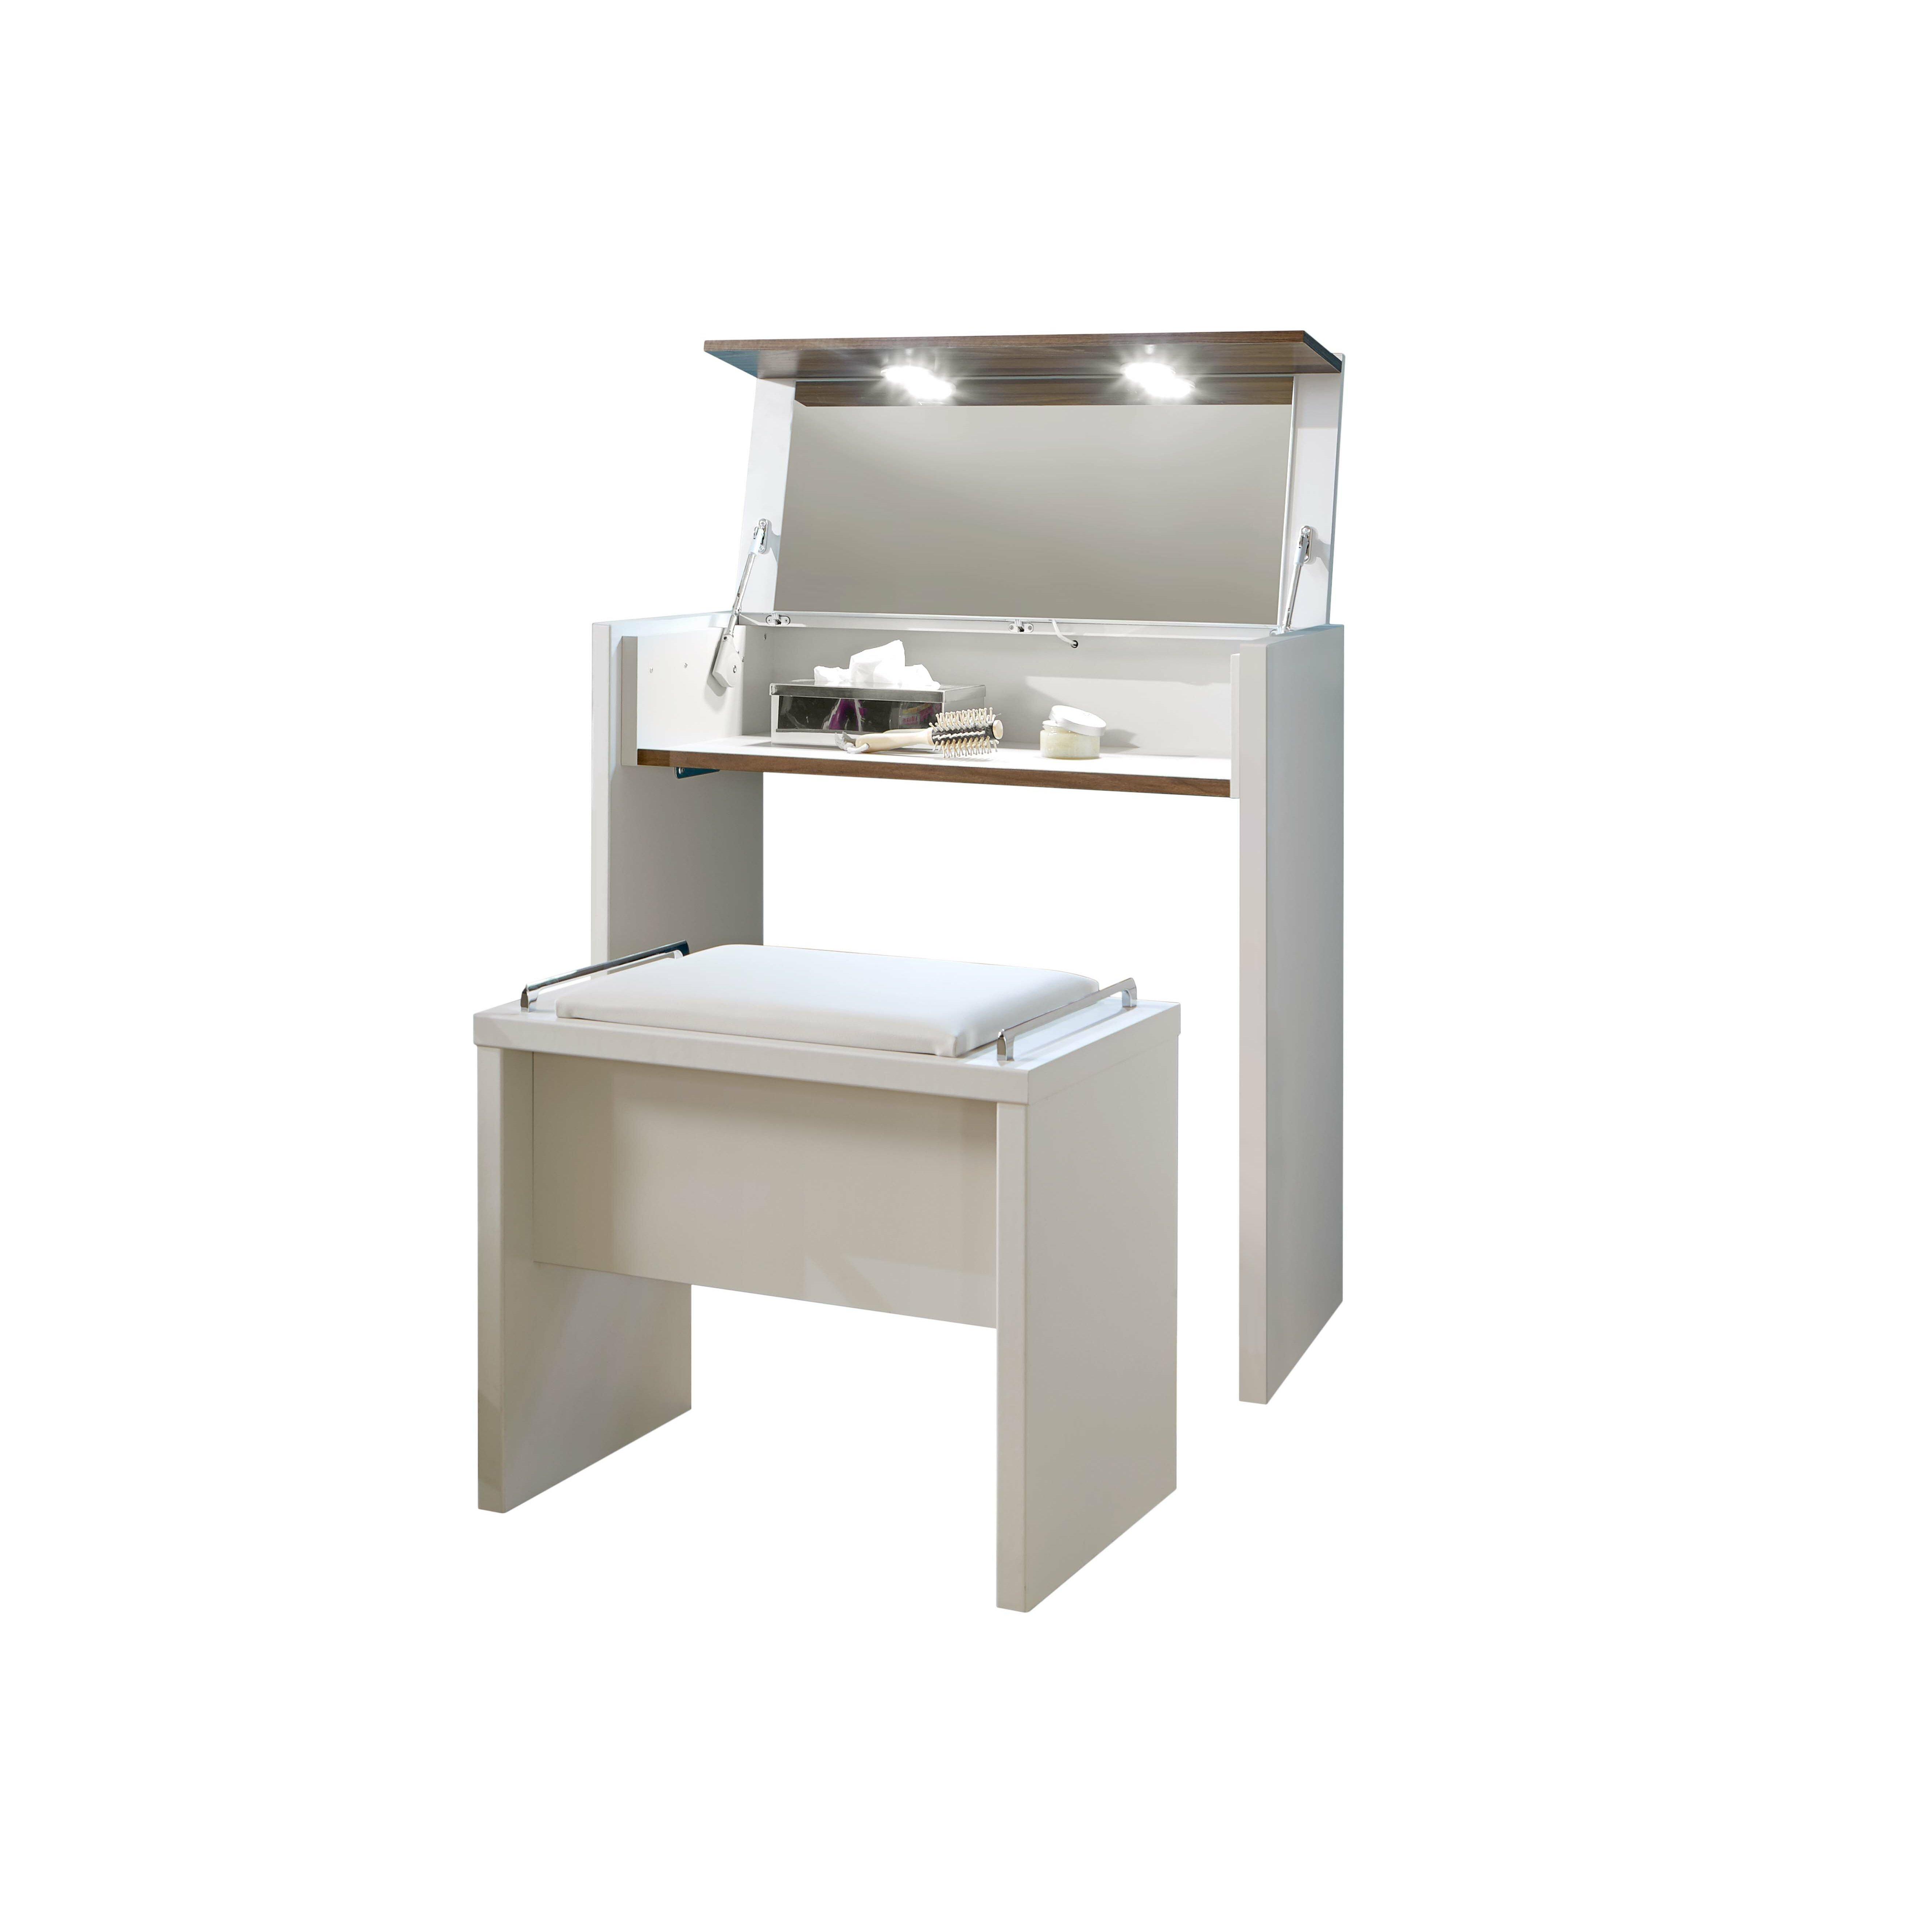 wiemann schminktisch set catania mit spiegel. Black Bedroom Furniture Sets. Home Design Ideas